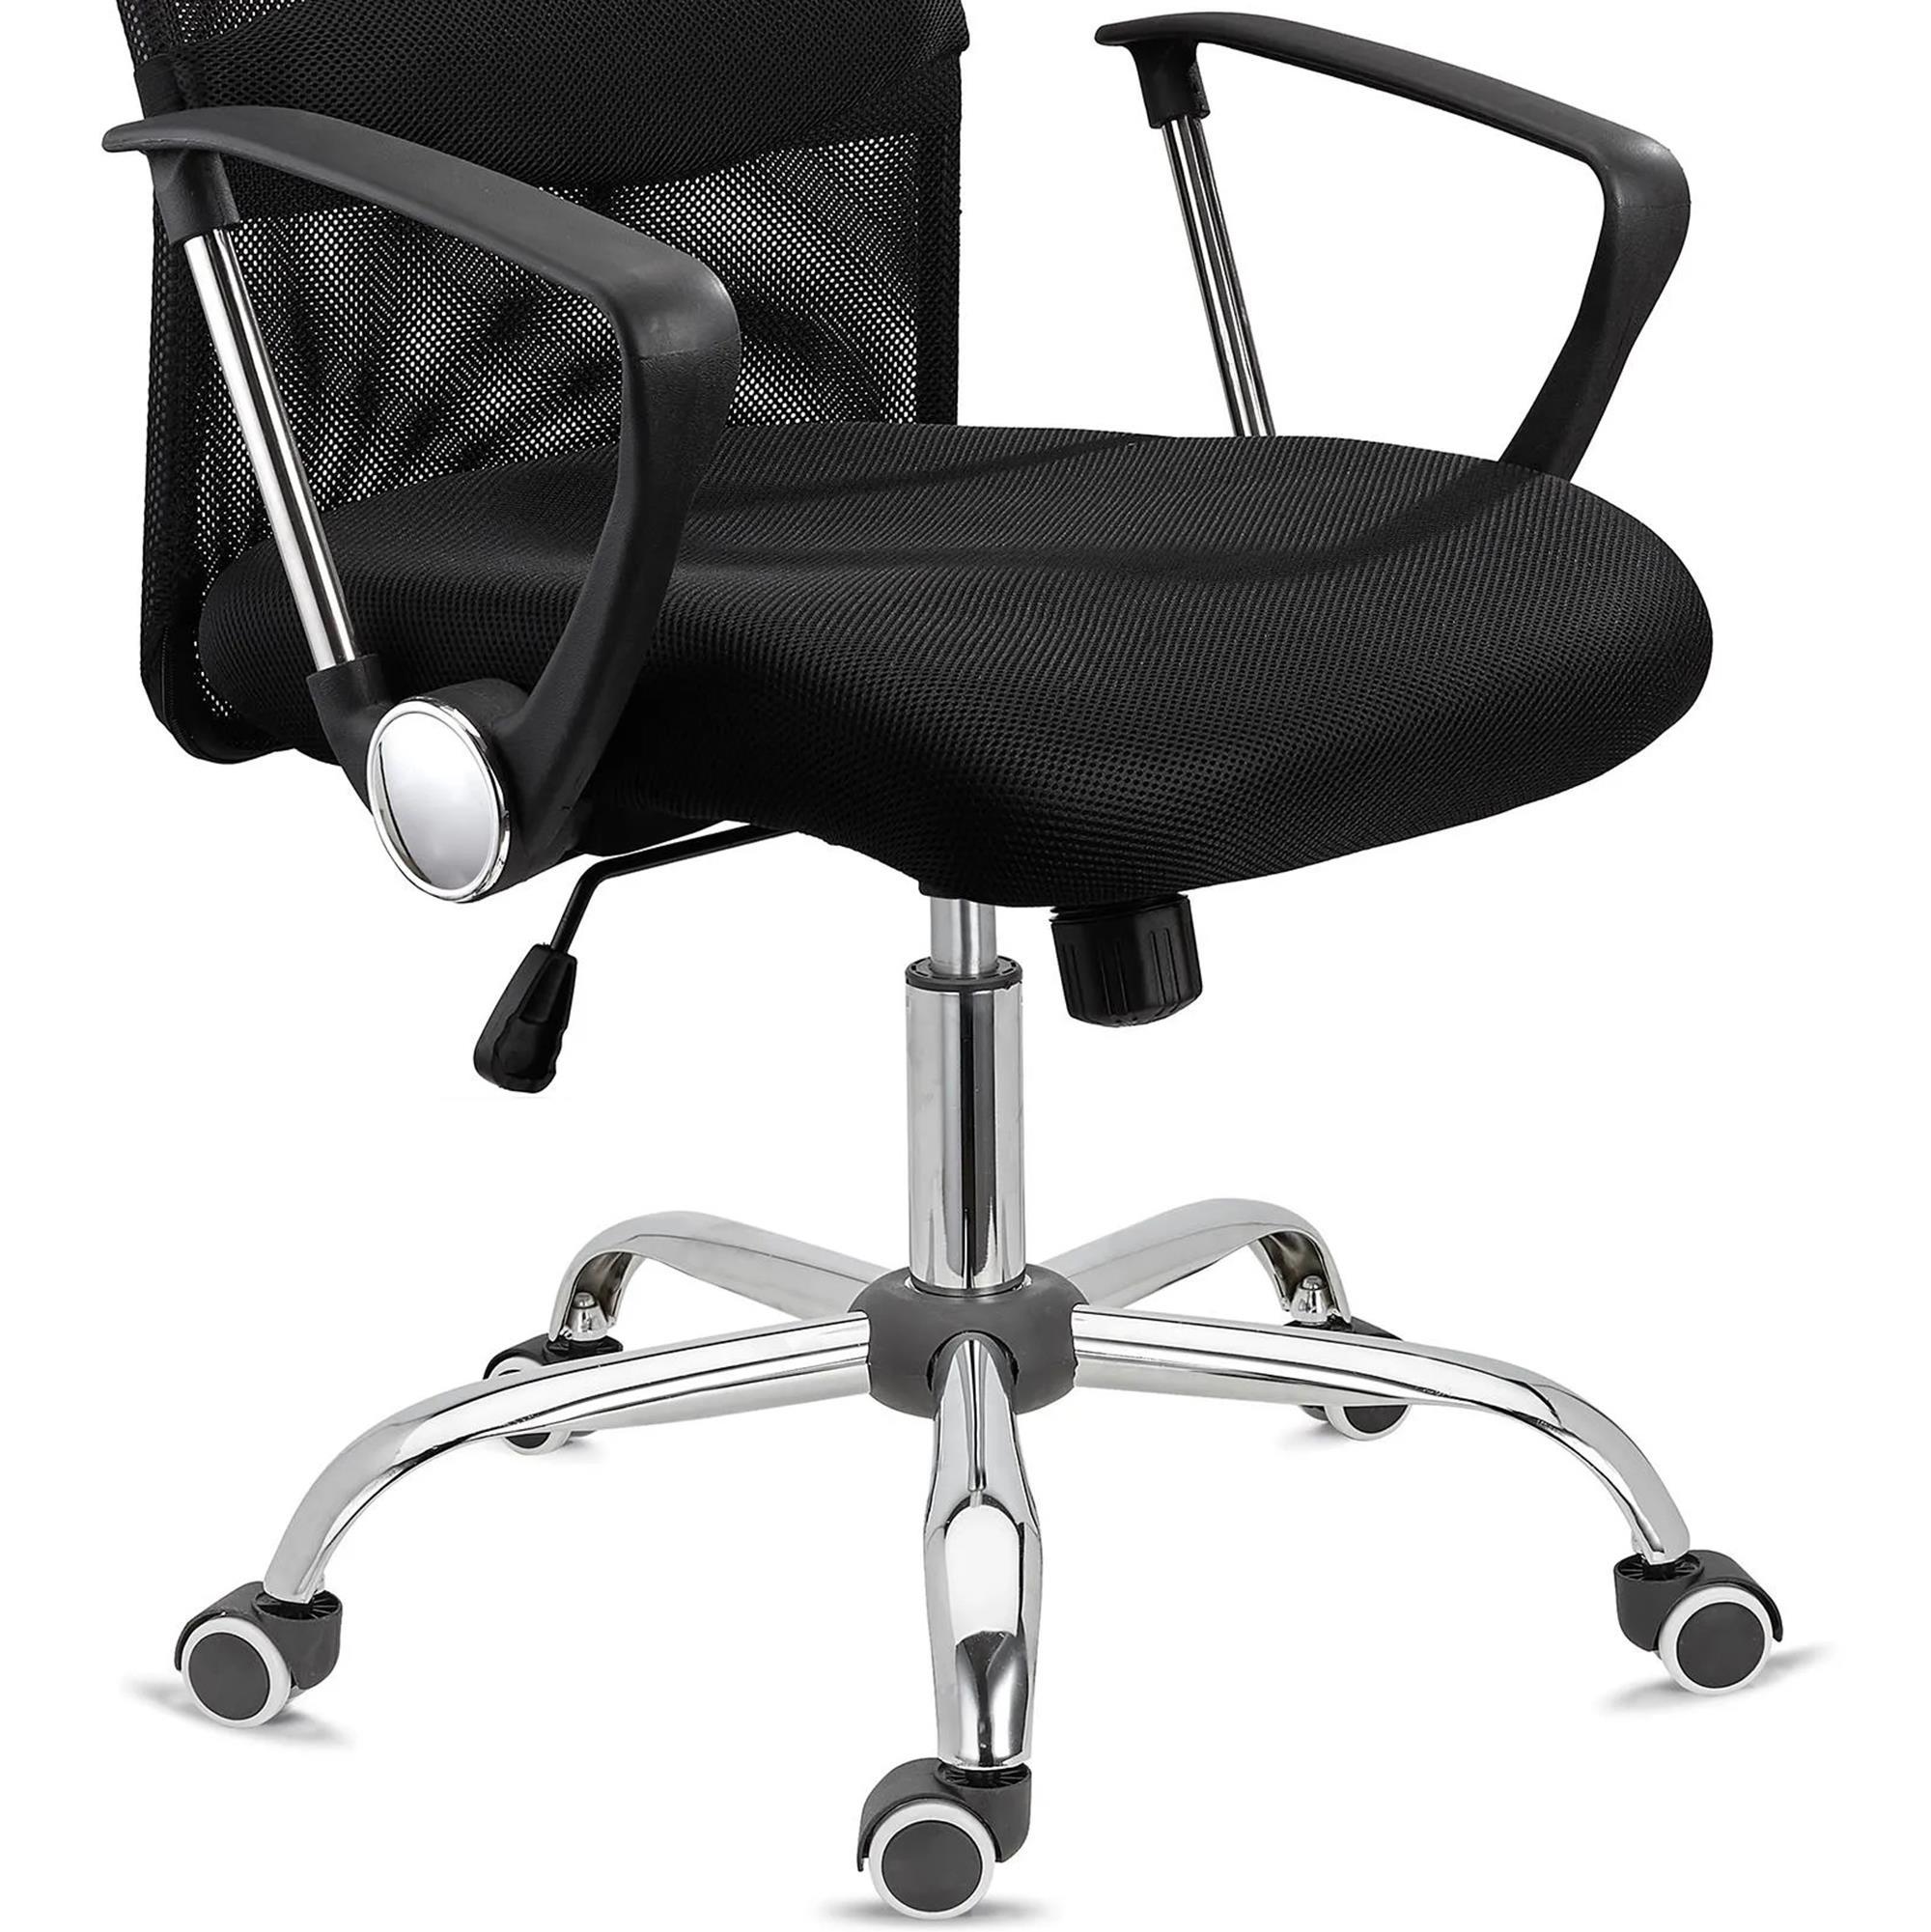 Sillas de oficina aspen malla transpirable en negro for Sillas de oficina precios